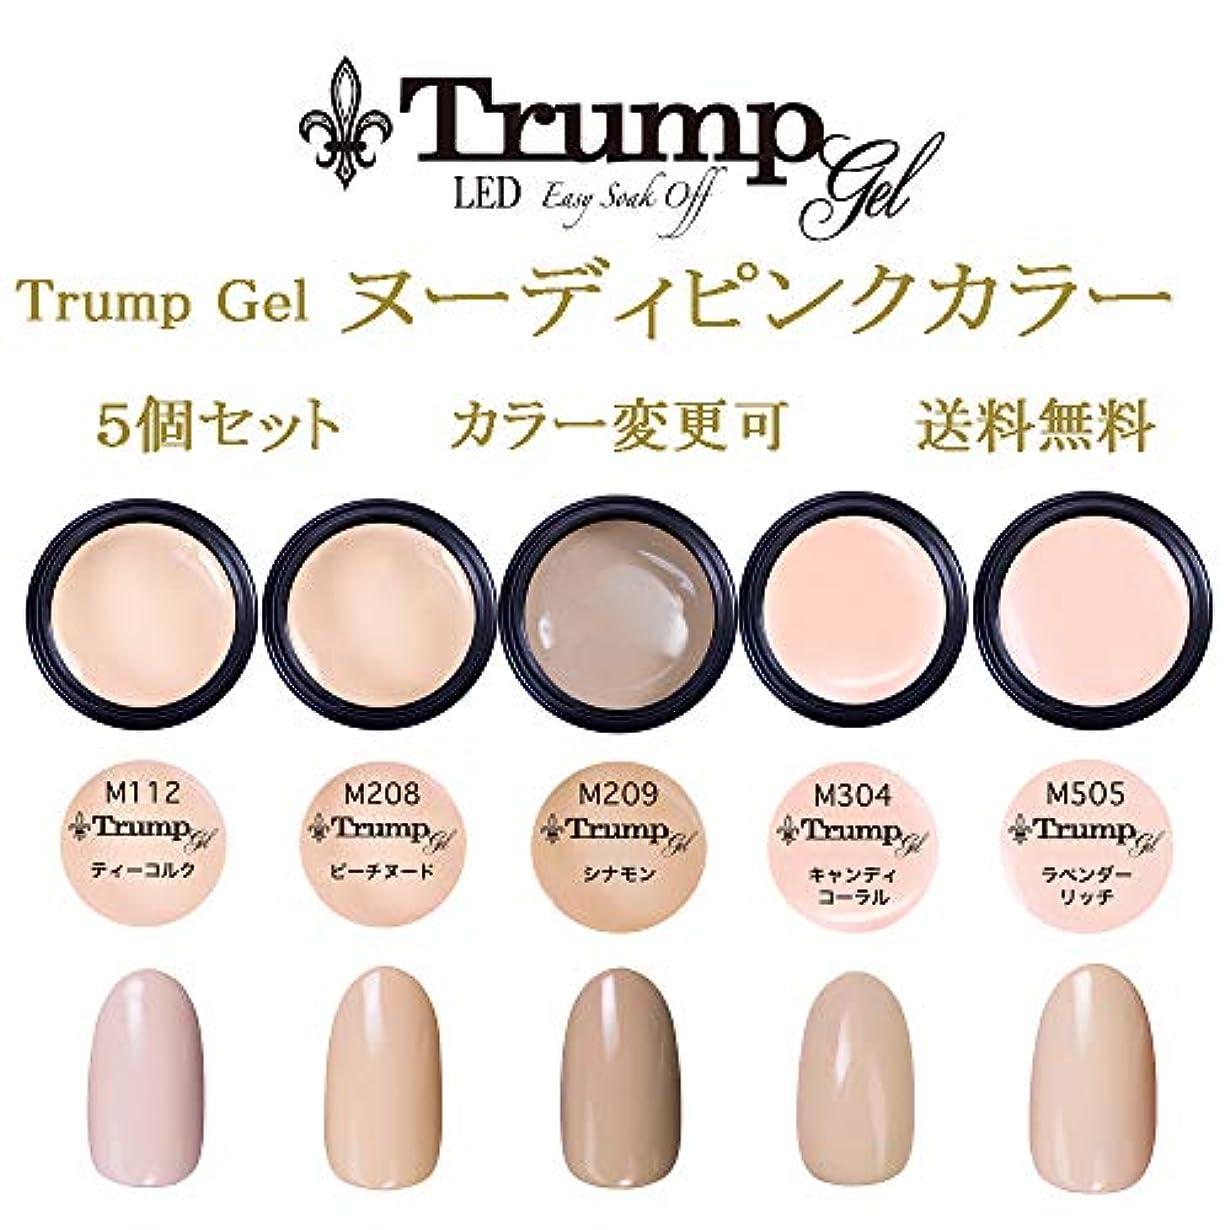 新聞深さ本当に日本製 Trump gel トランプジェル ヌーディピンク 選べる カラージェル 5個セット ピンク ベージュ ヌーディカラー